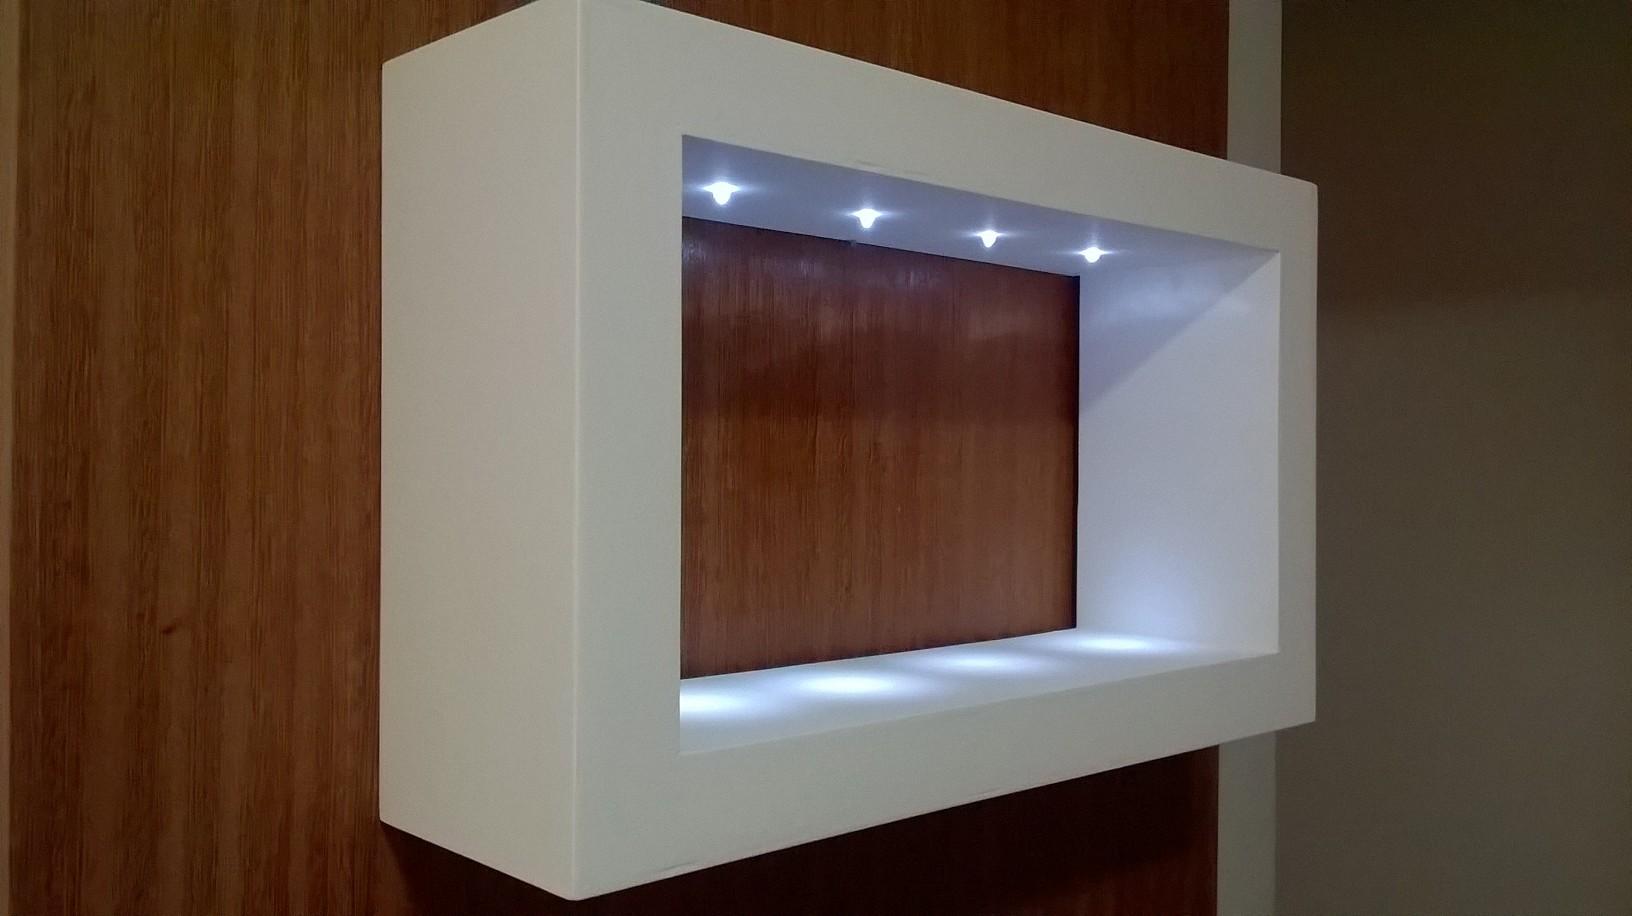 Nicho vazado 52x13x31 cm com LEDs  Schimidt Artes  Elo7 -> Nicho Banheiro Led